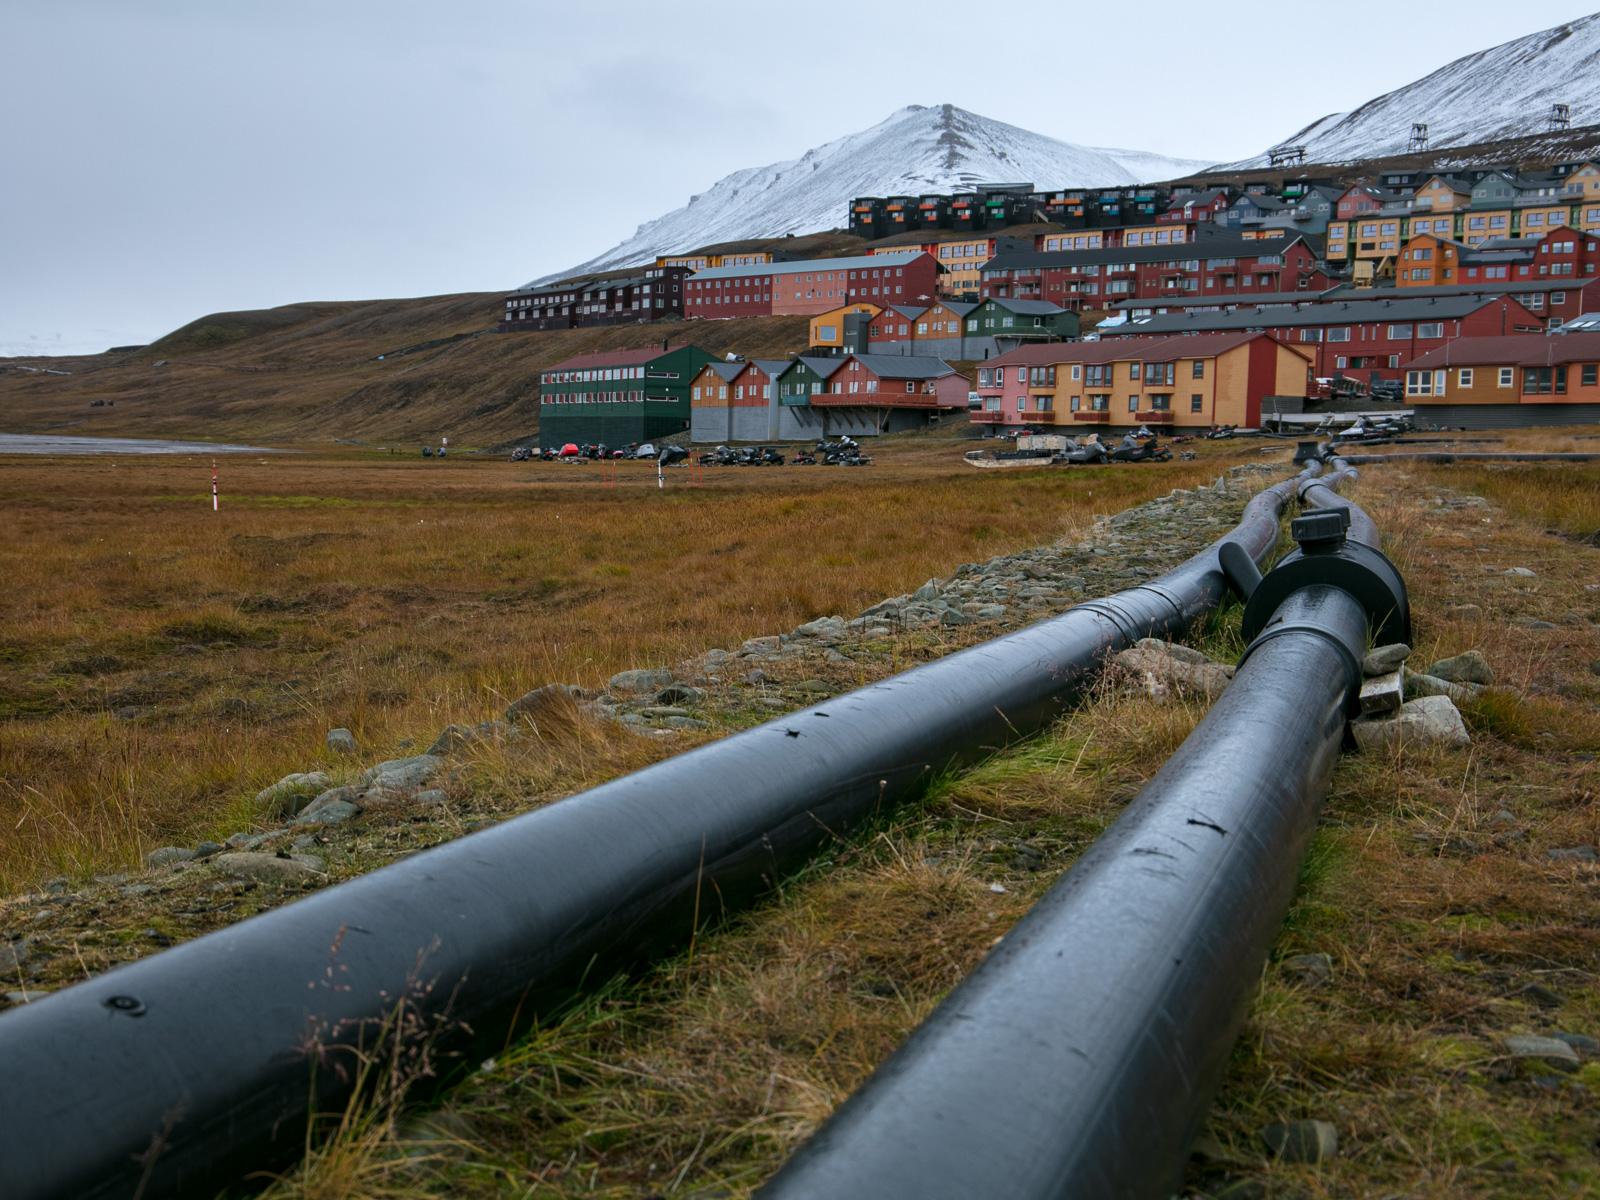 Svalbard_Spitsbergen_Longyearbyen-9